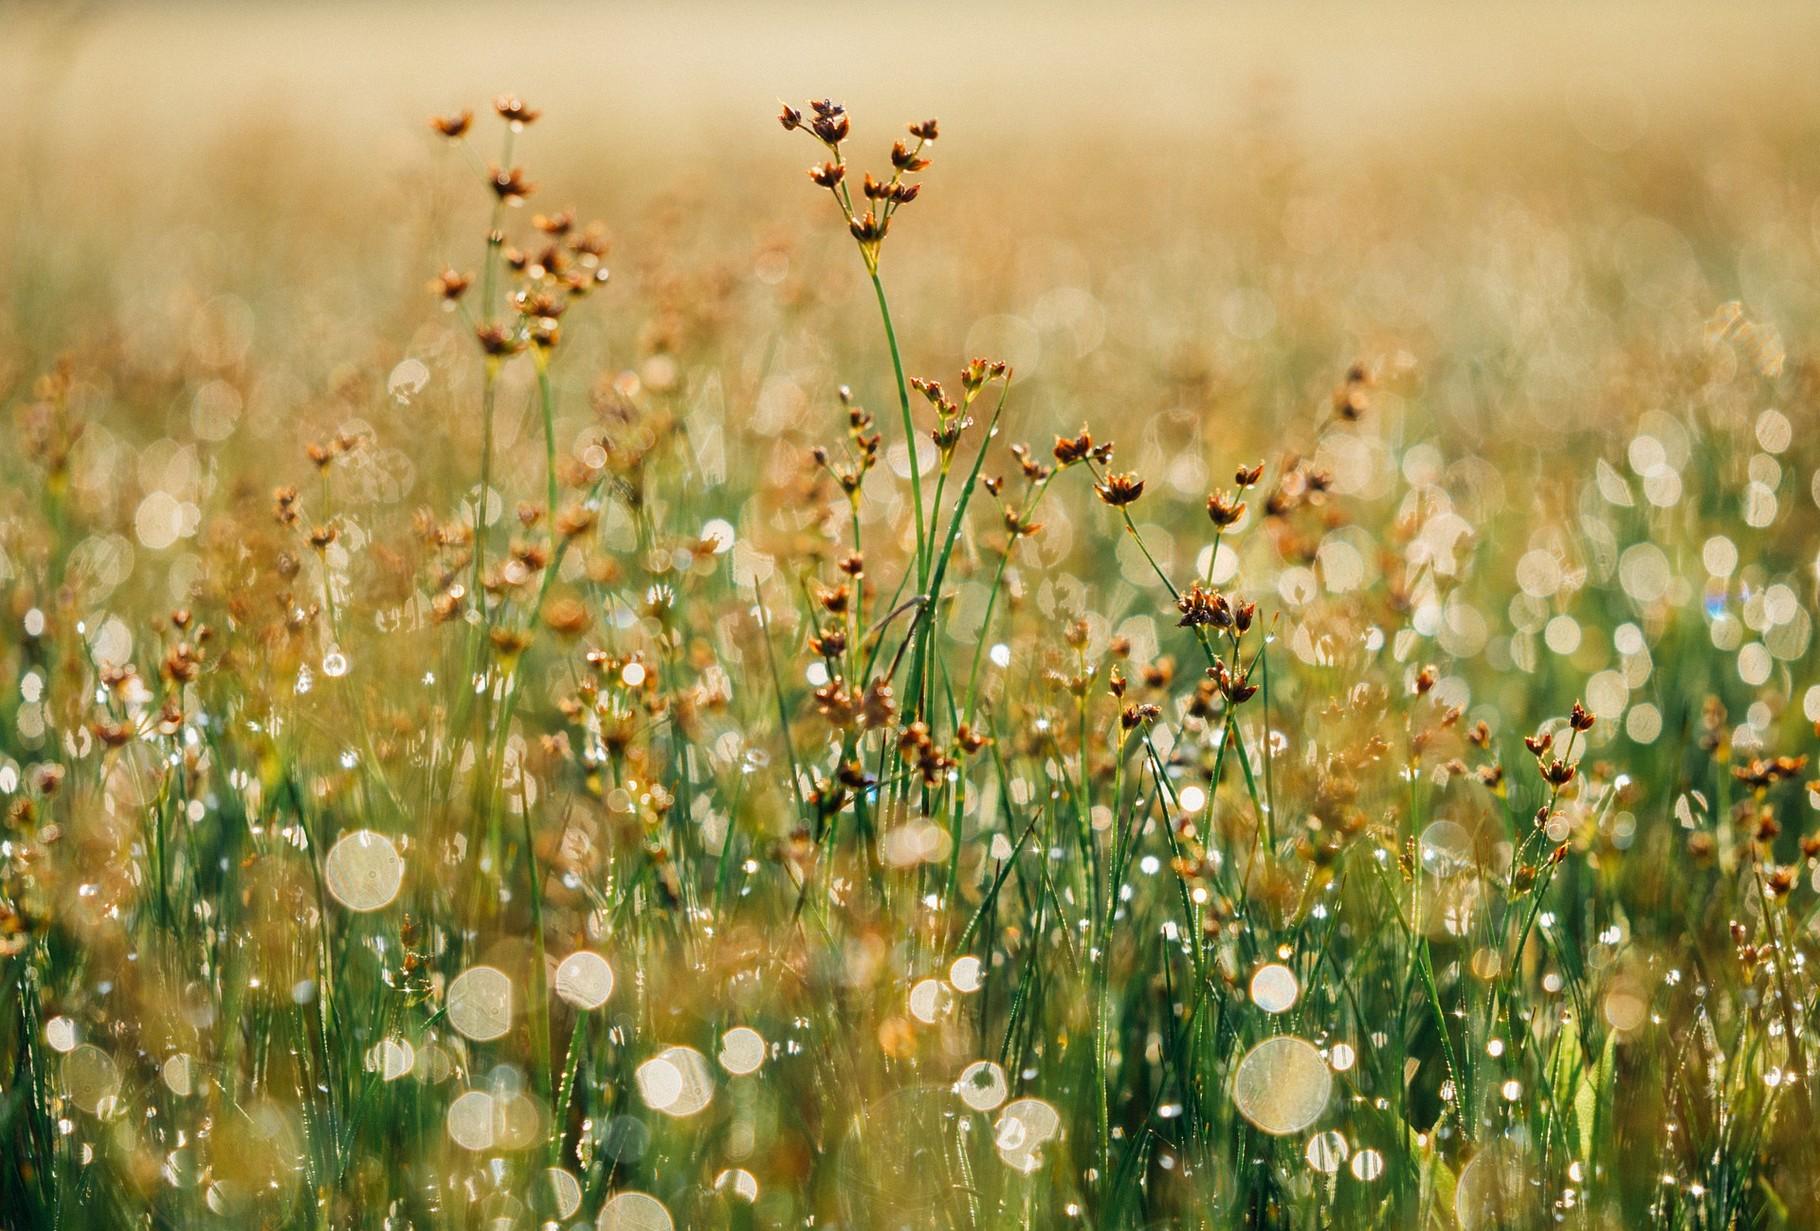 """"""" La connaissance de soi est le commencement de la sagesse et la fin de la peur """" Krishnamurti"""